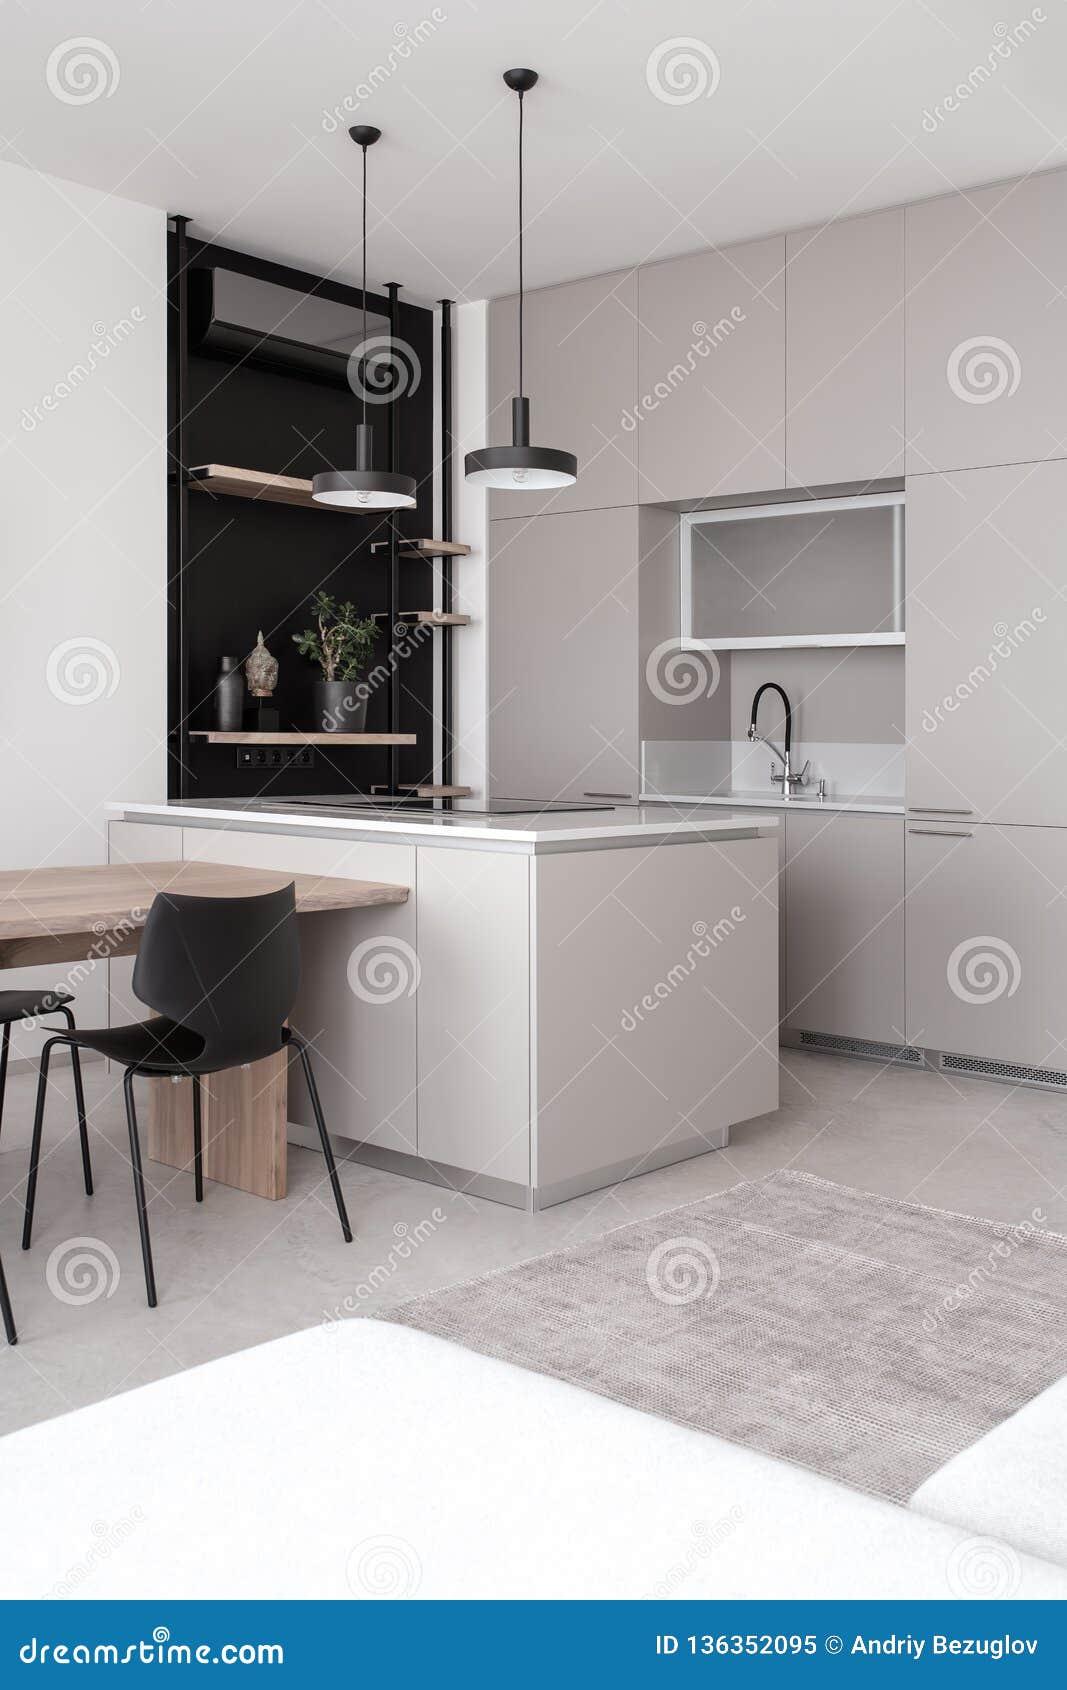 Stilvolle moderne Küche mit hellen Wänden und grauem Boden